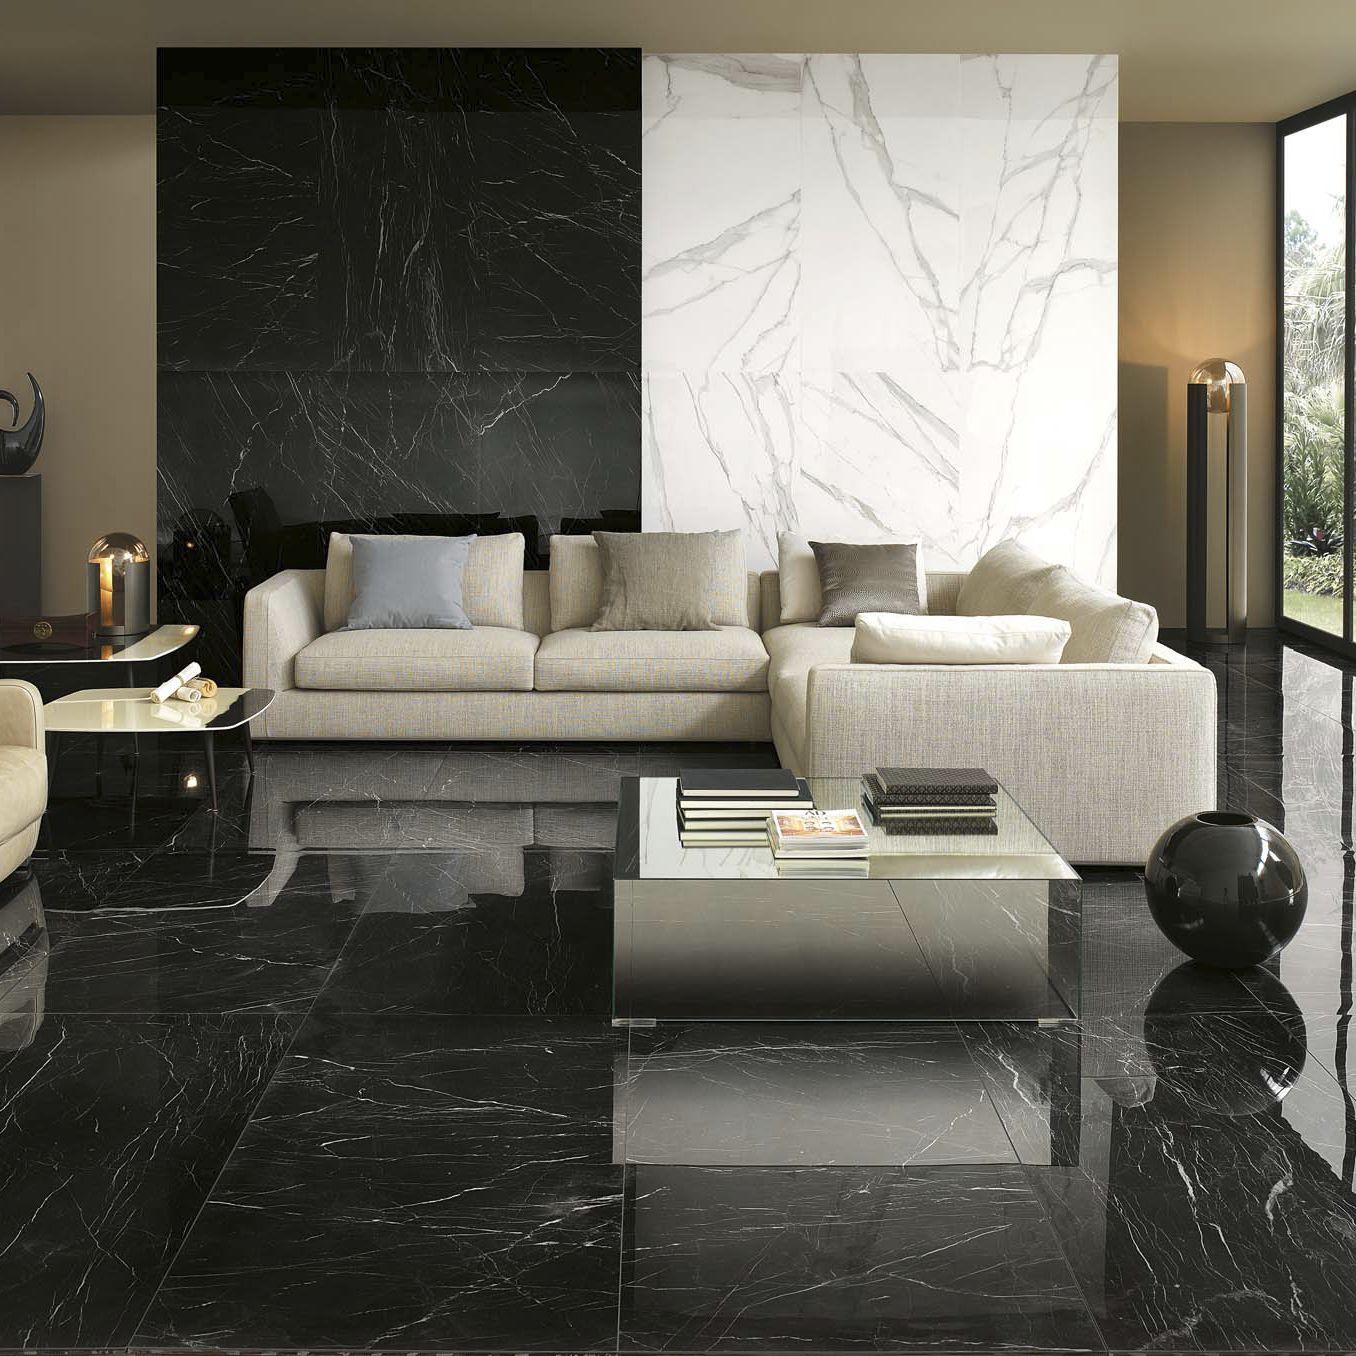 Roma Diamond Fap Ceramiche indoor tile - roma diamond - fap ceramiche - wall / floor